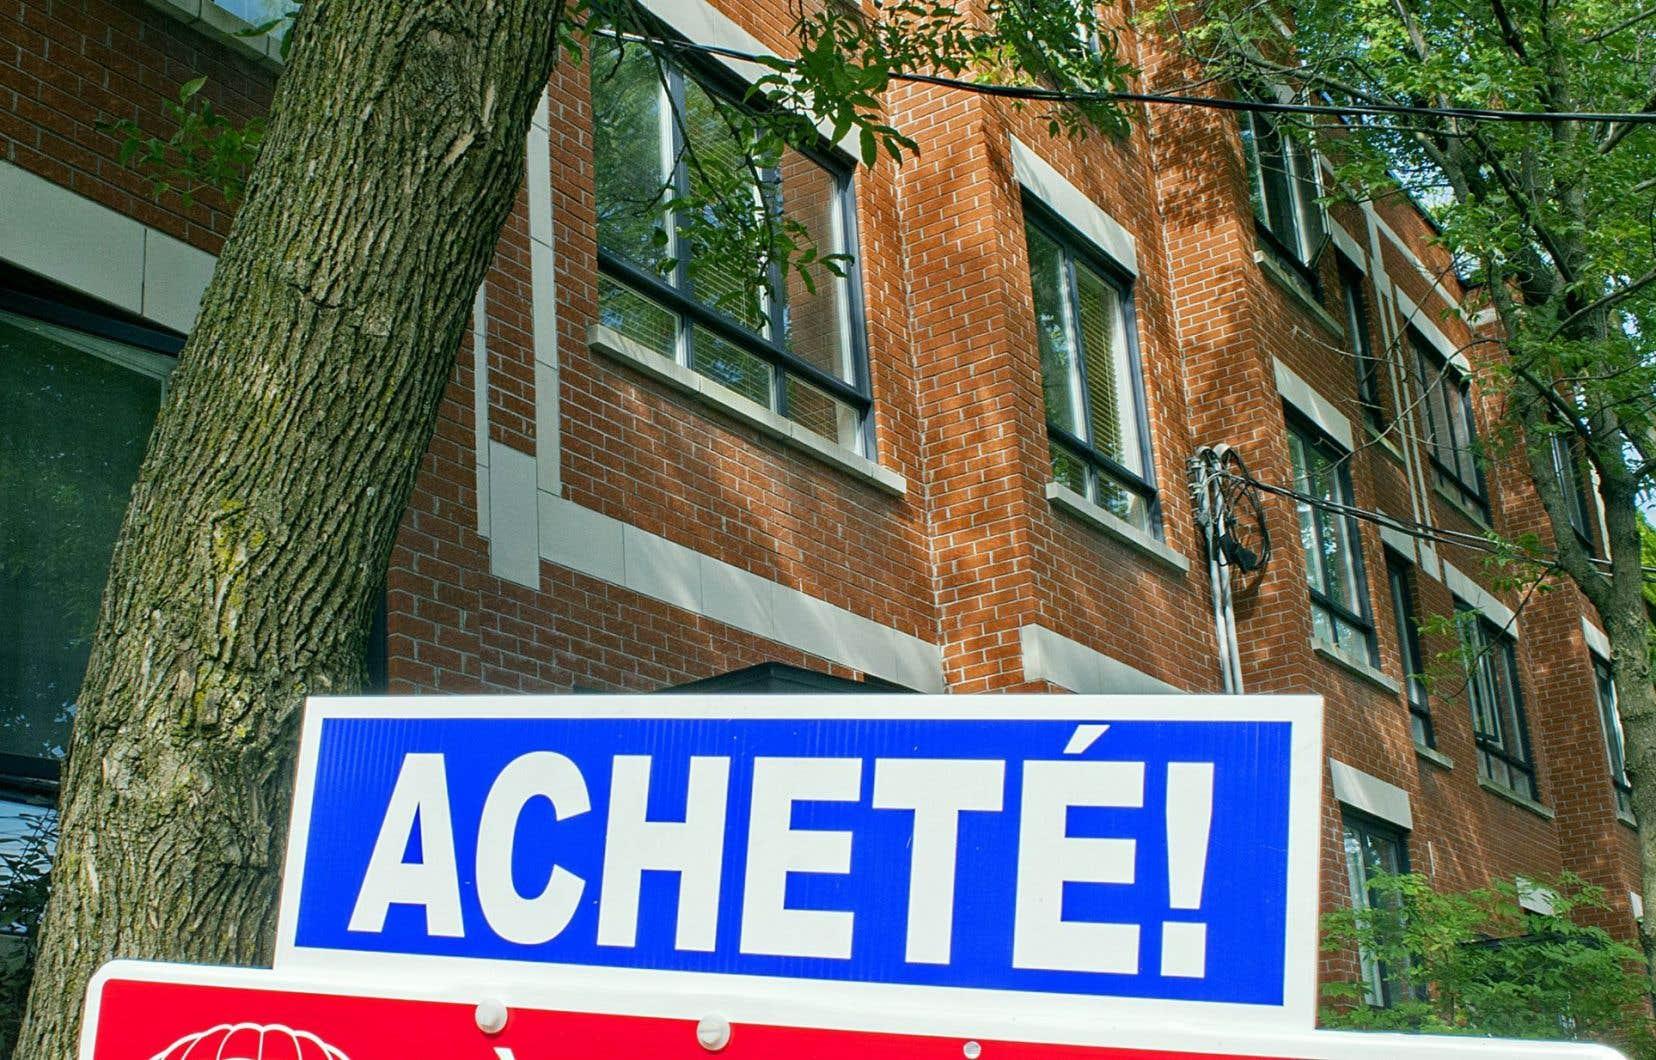 Le président de la Banque Laurentienne s'est montré optimiste à l'égard de la situation économique du Québec, où la majorité des prêts hypothécaires de l'institution sont octroyés par le biais de son secteur des services aux particuliers.